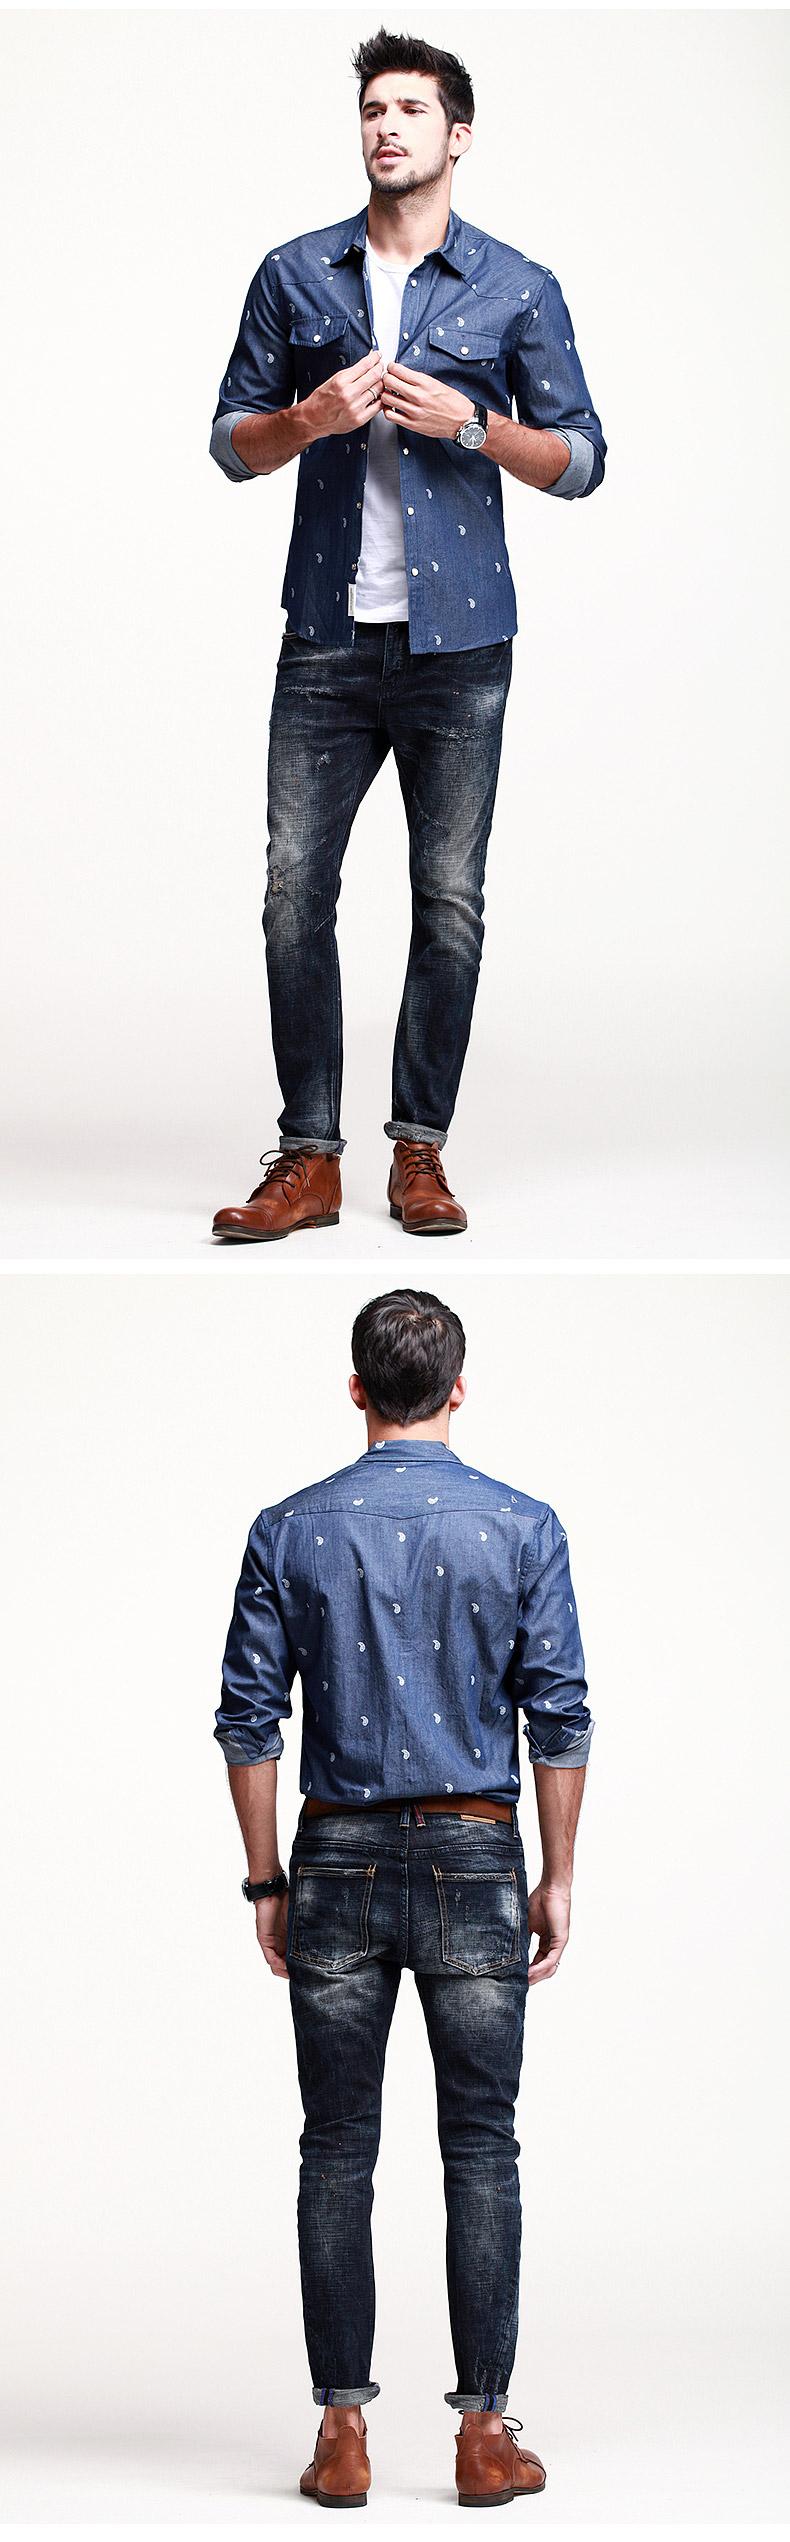 【尤萨开衫/卫衣/针织衫】男士时尚新款印花长袖牛仔